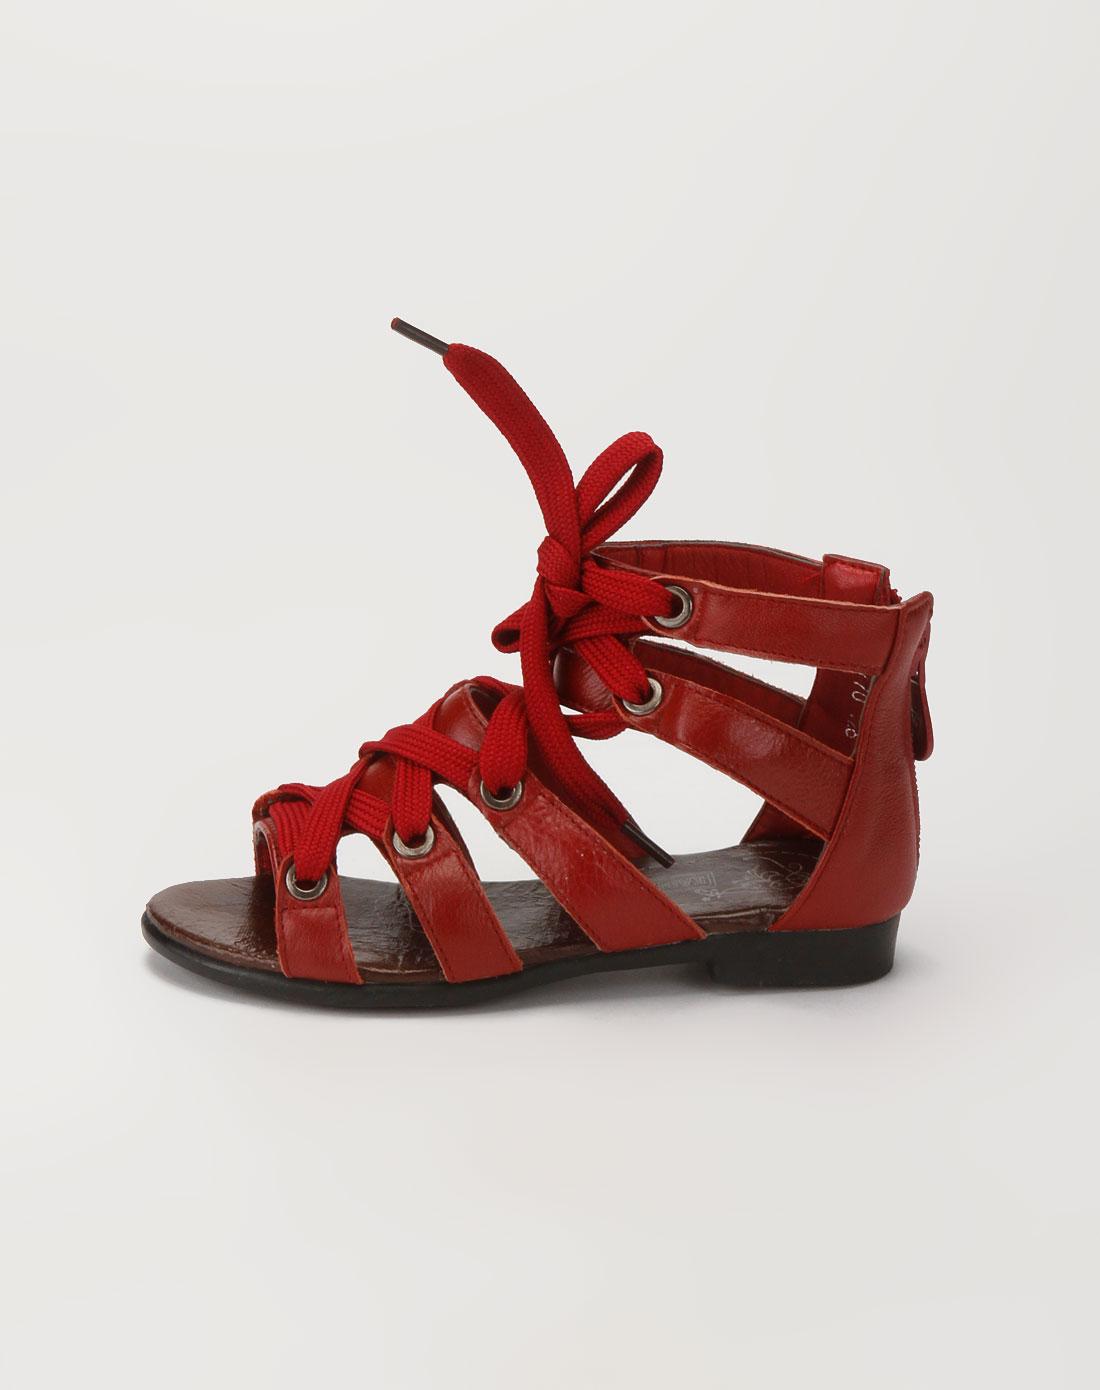 卡丁男女童鞋女童红色时尚凉鞋